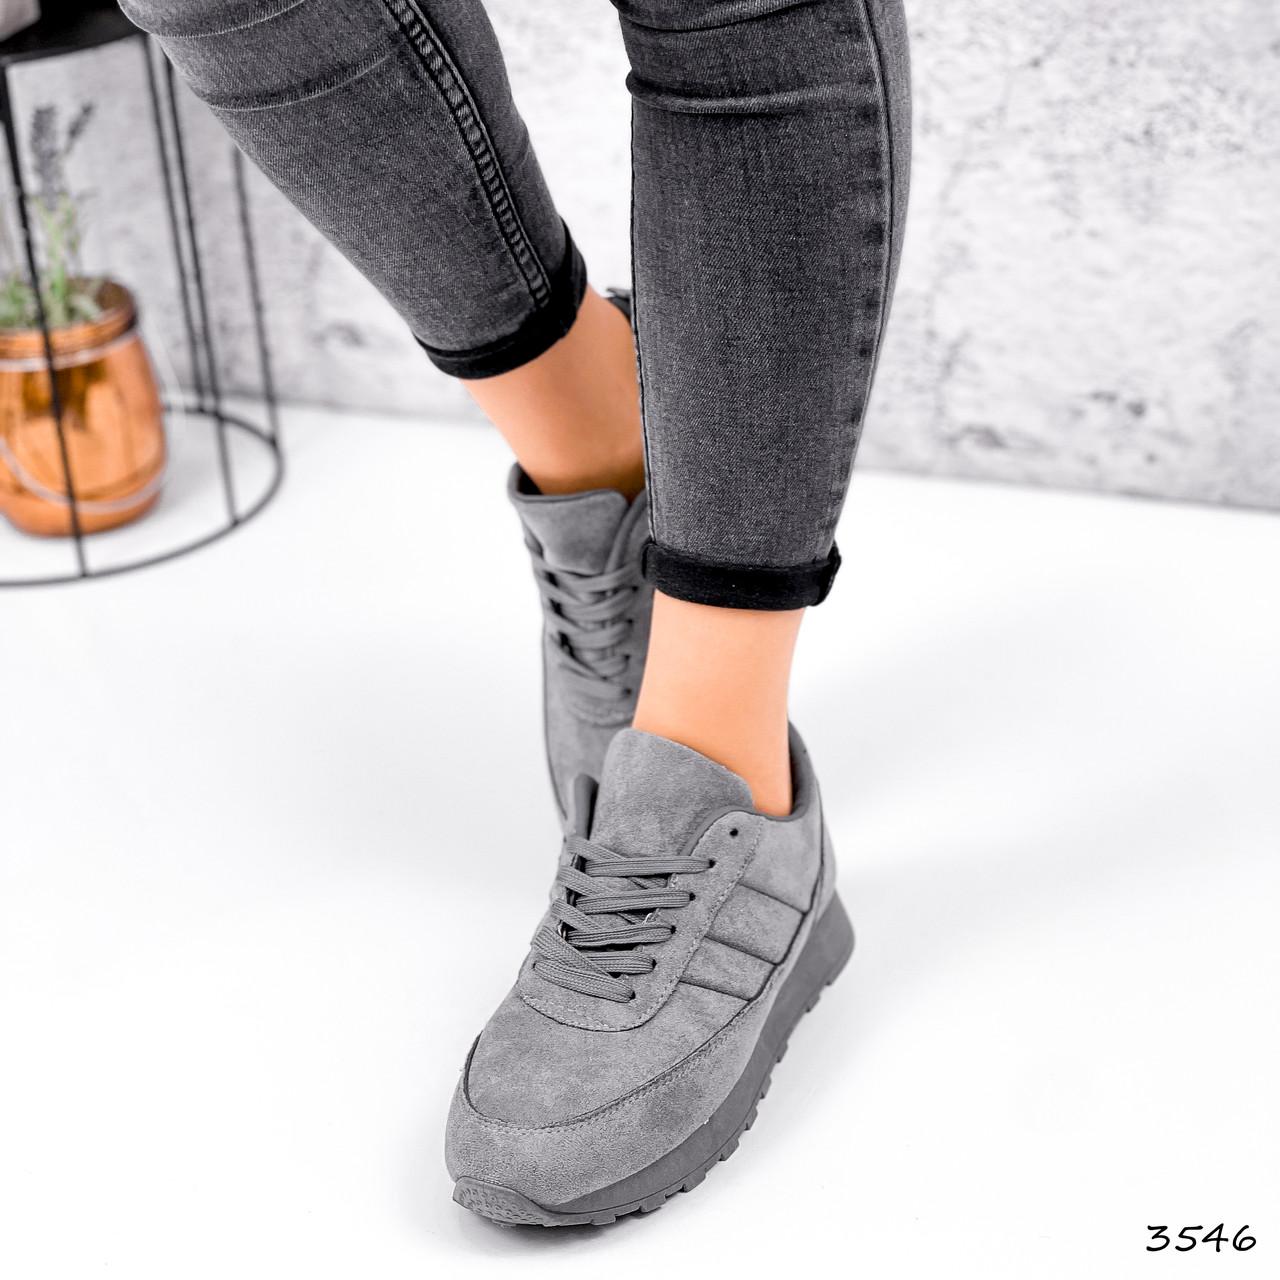 Кросівки жіночі Lilia сірі 3546